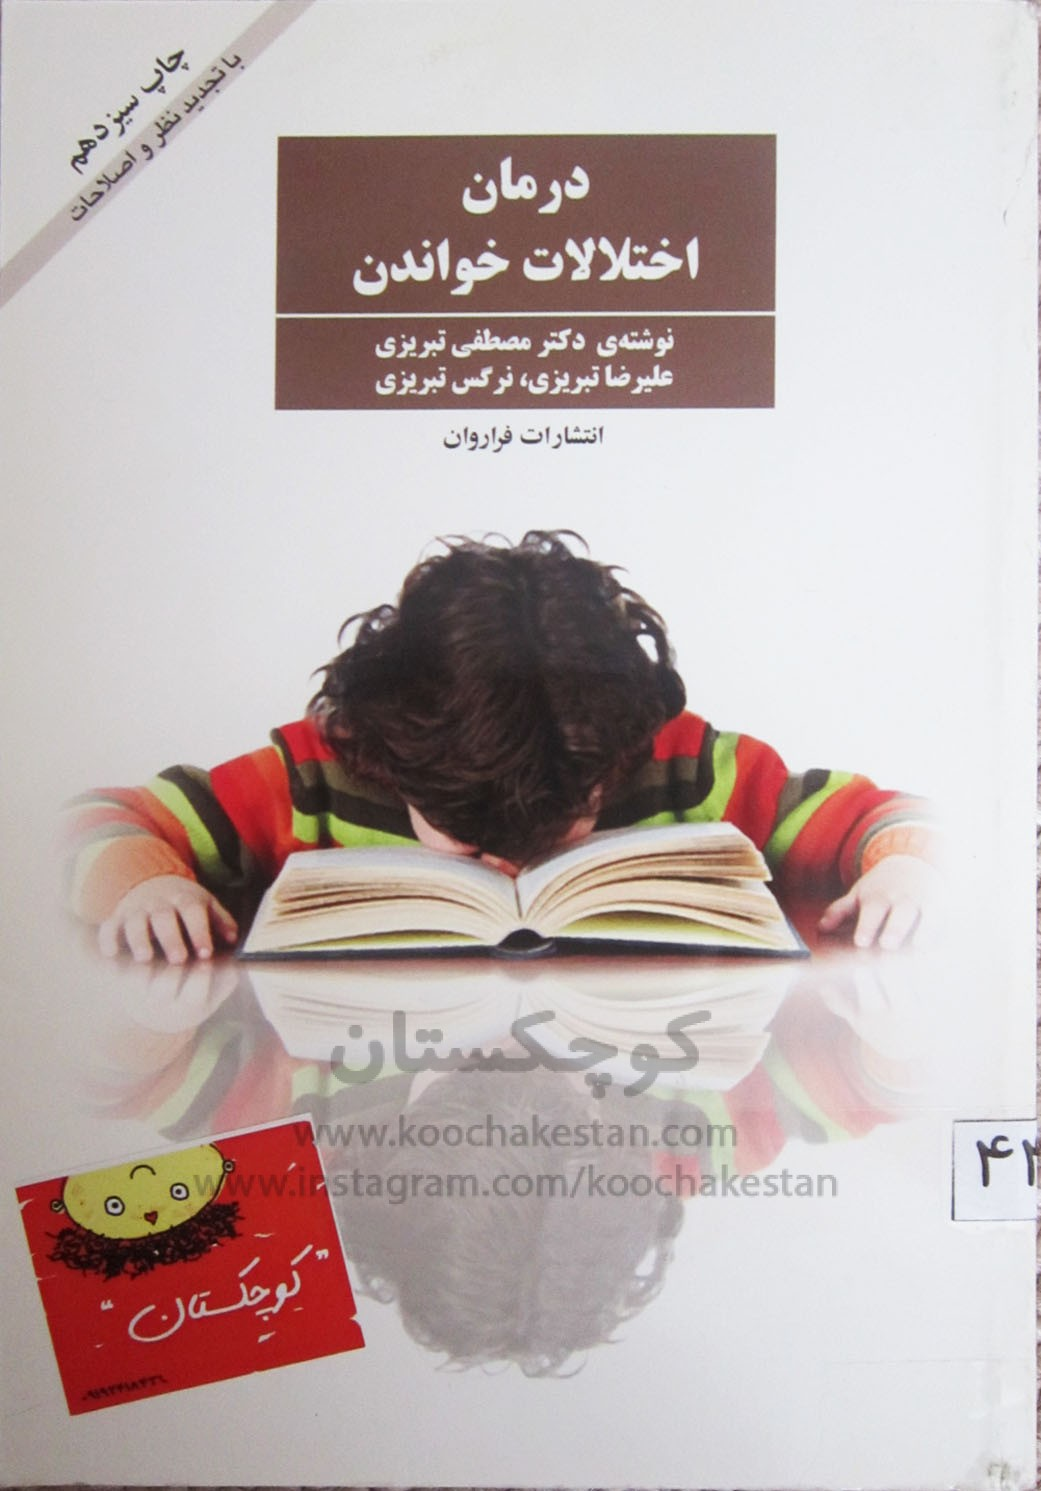 درمان اختلالات خواندن - کتابخانه کودک - کوچکستان